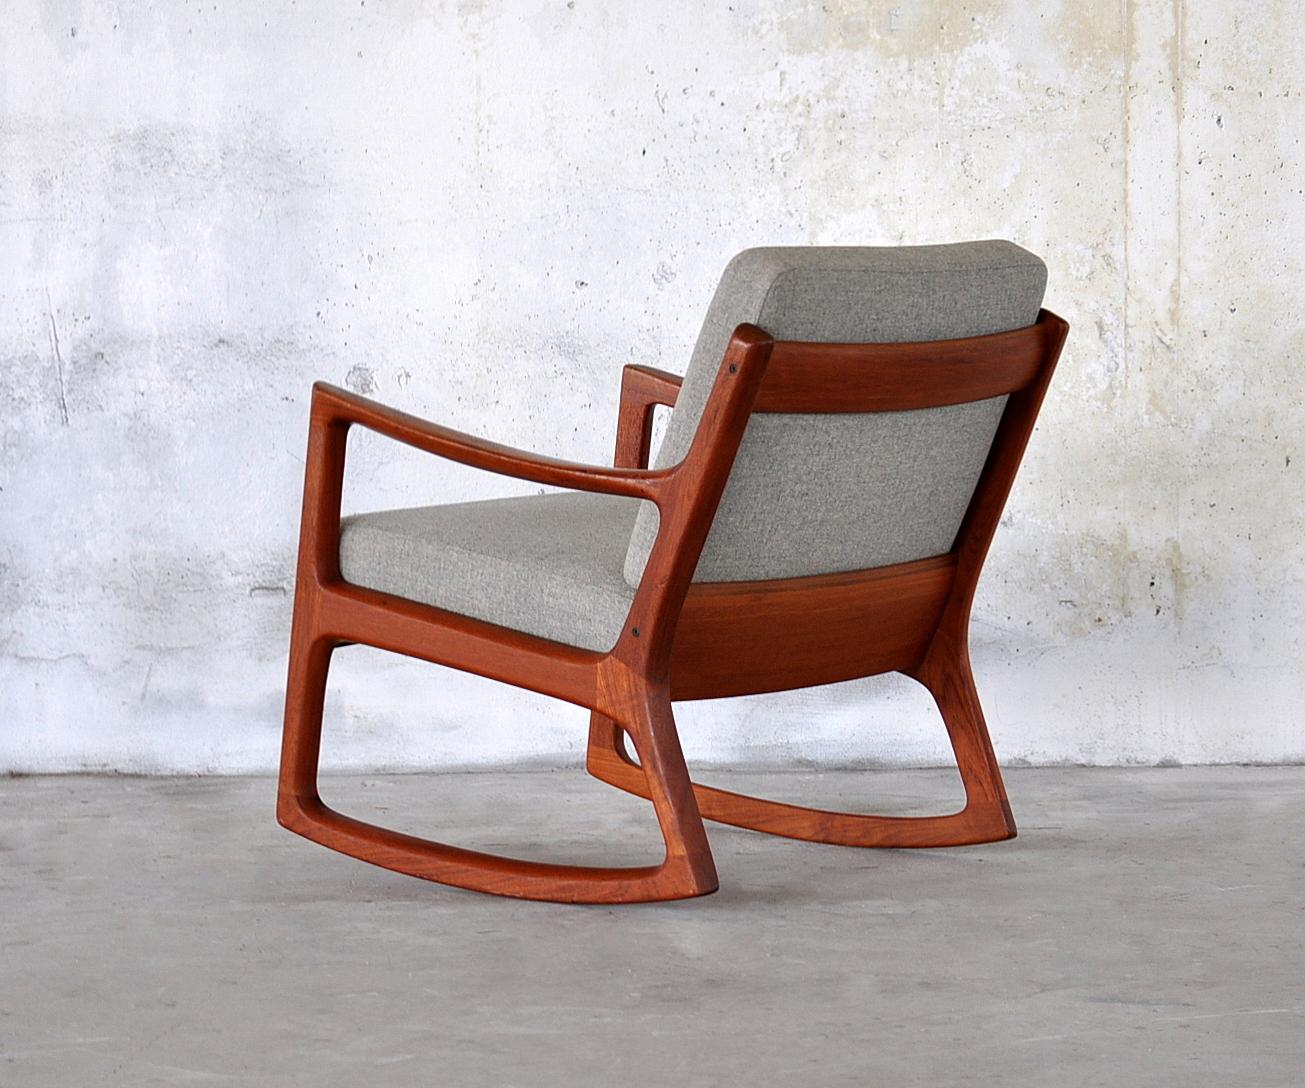 Cheap Modern Rocking Chair Barber Shop Select Ole Wanscher Teak